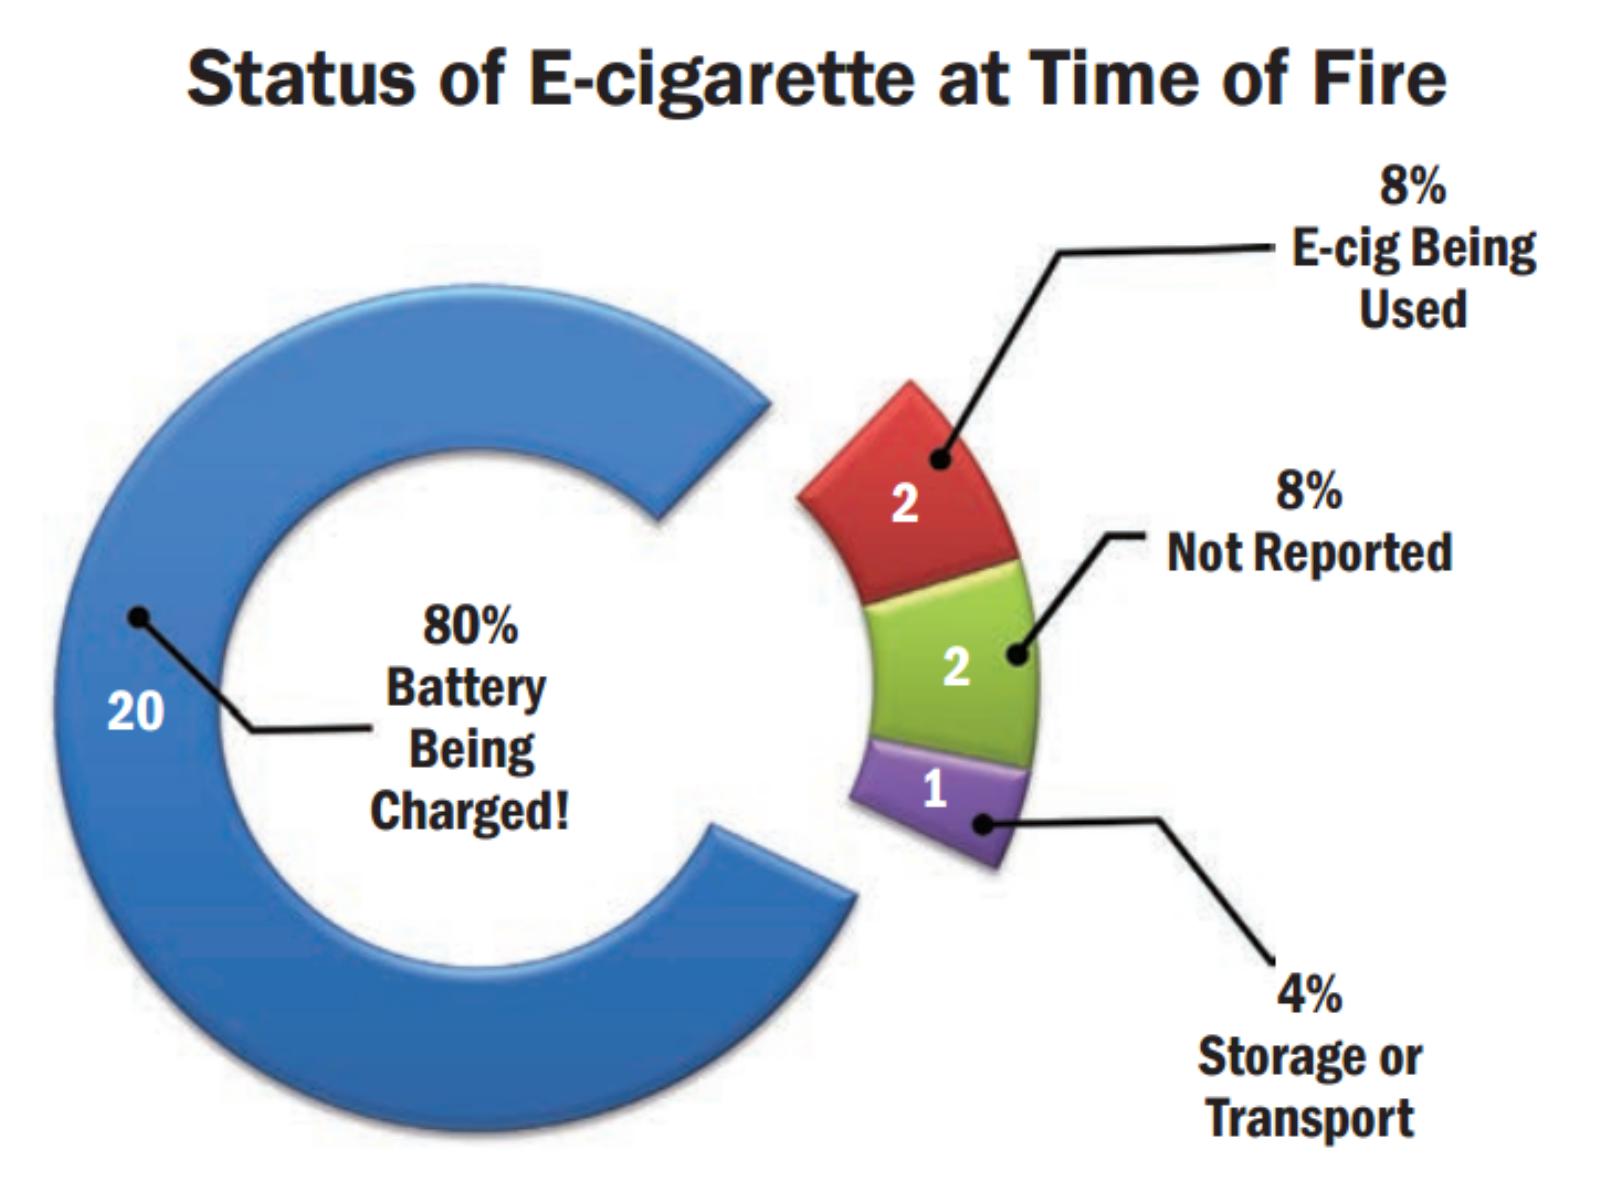 Курение наносит тяжкие телесные повреждения: взрыв электронной сигареты может лишить человека глаза, зубов или ноги - 7